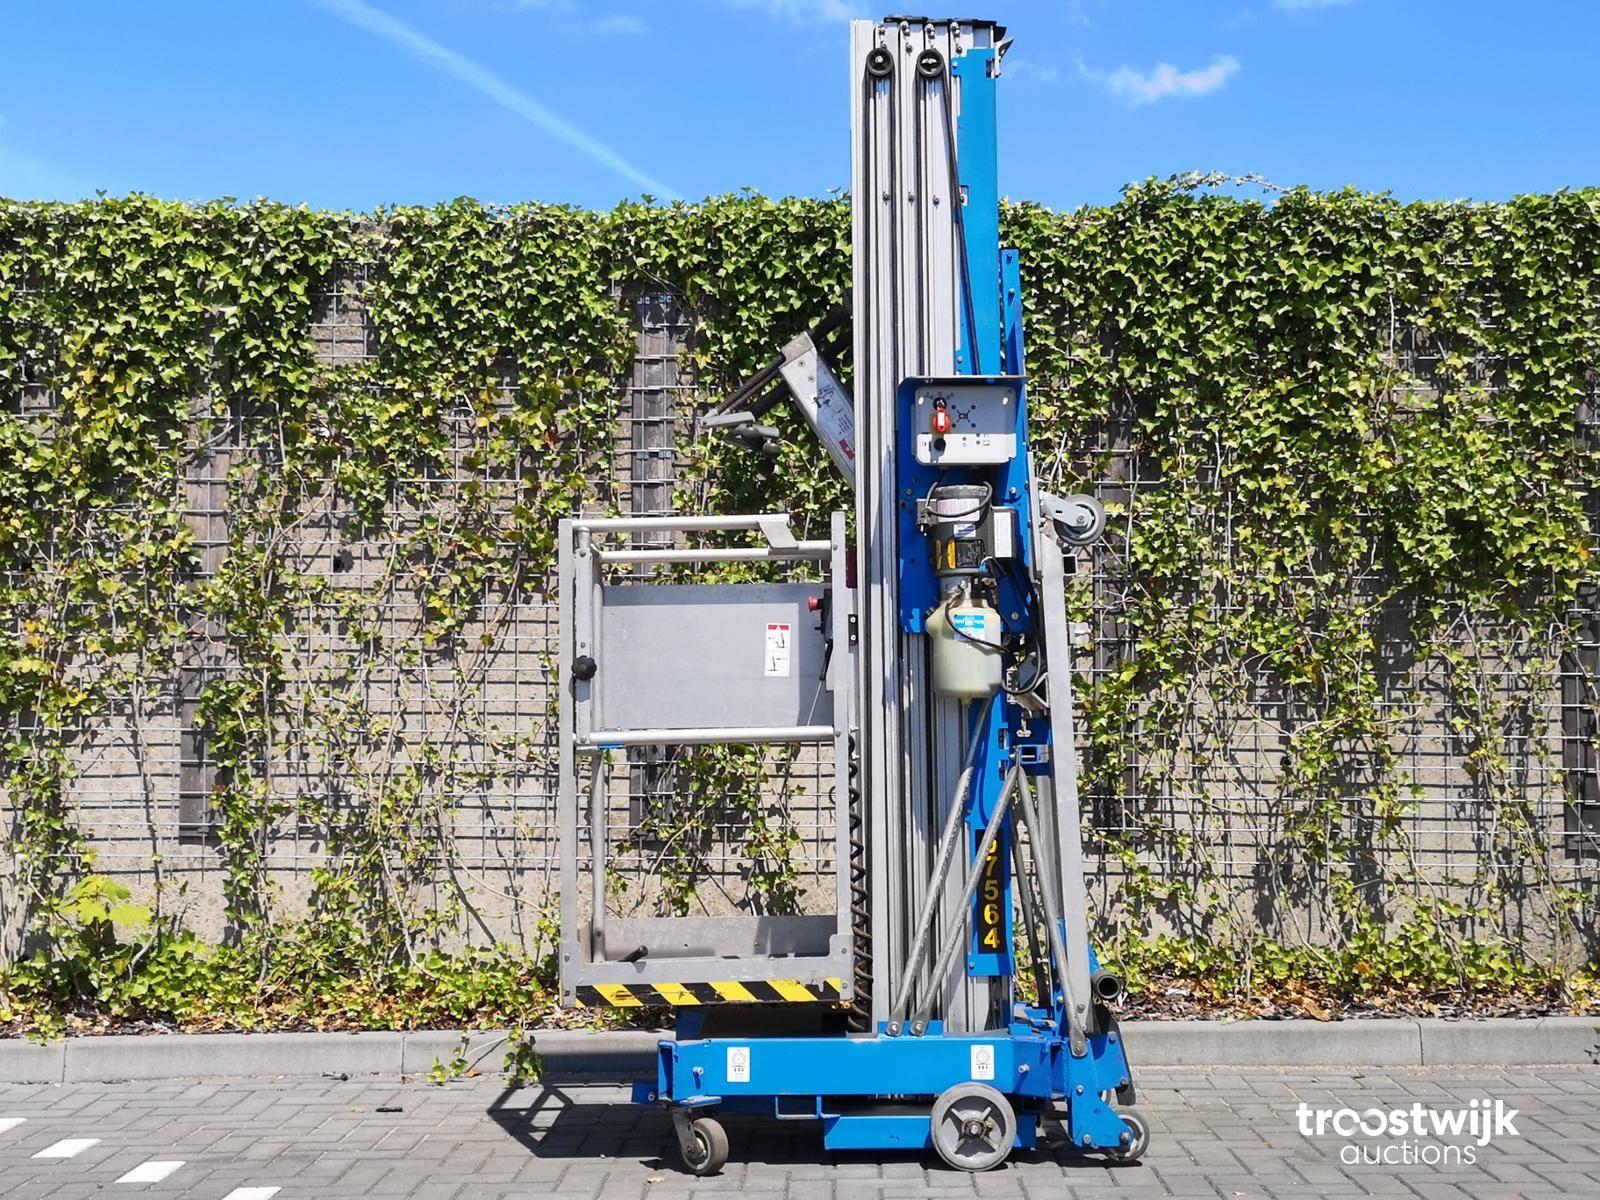 2004 Genie AWP-36S Electric tower crane - Troostwijk